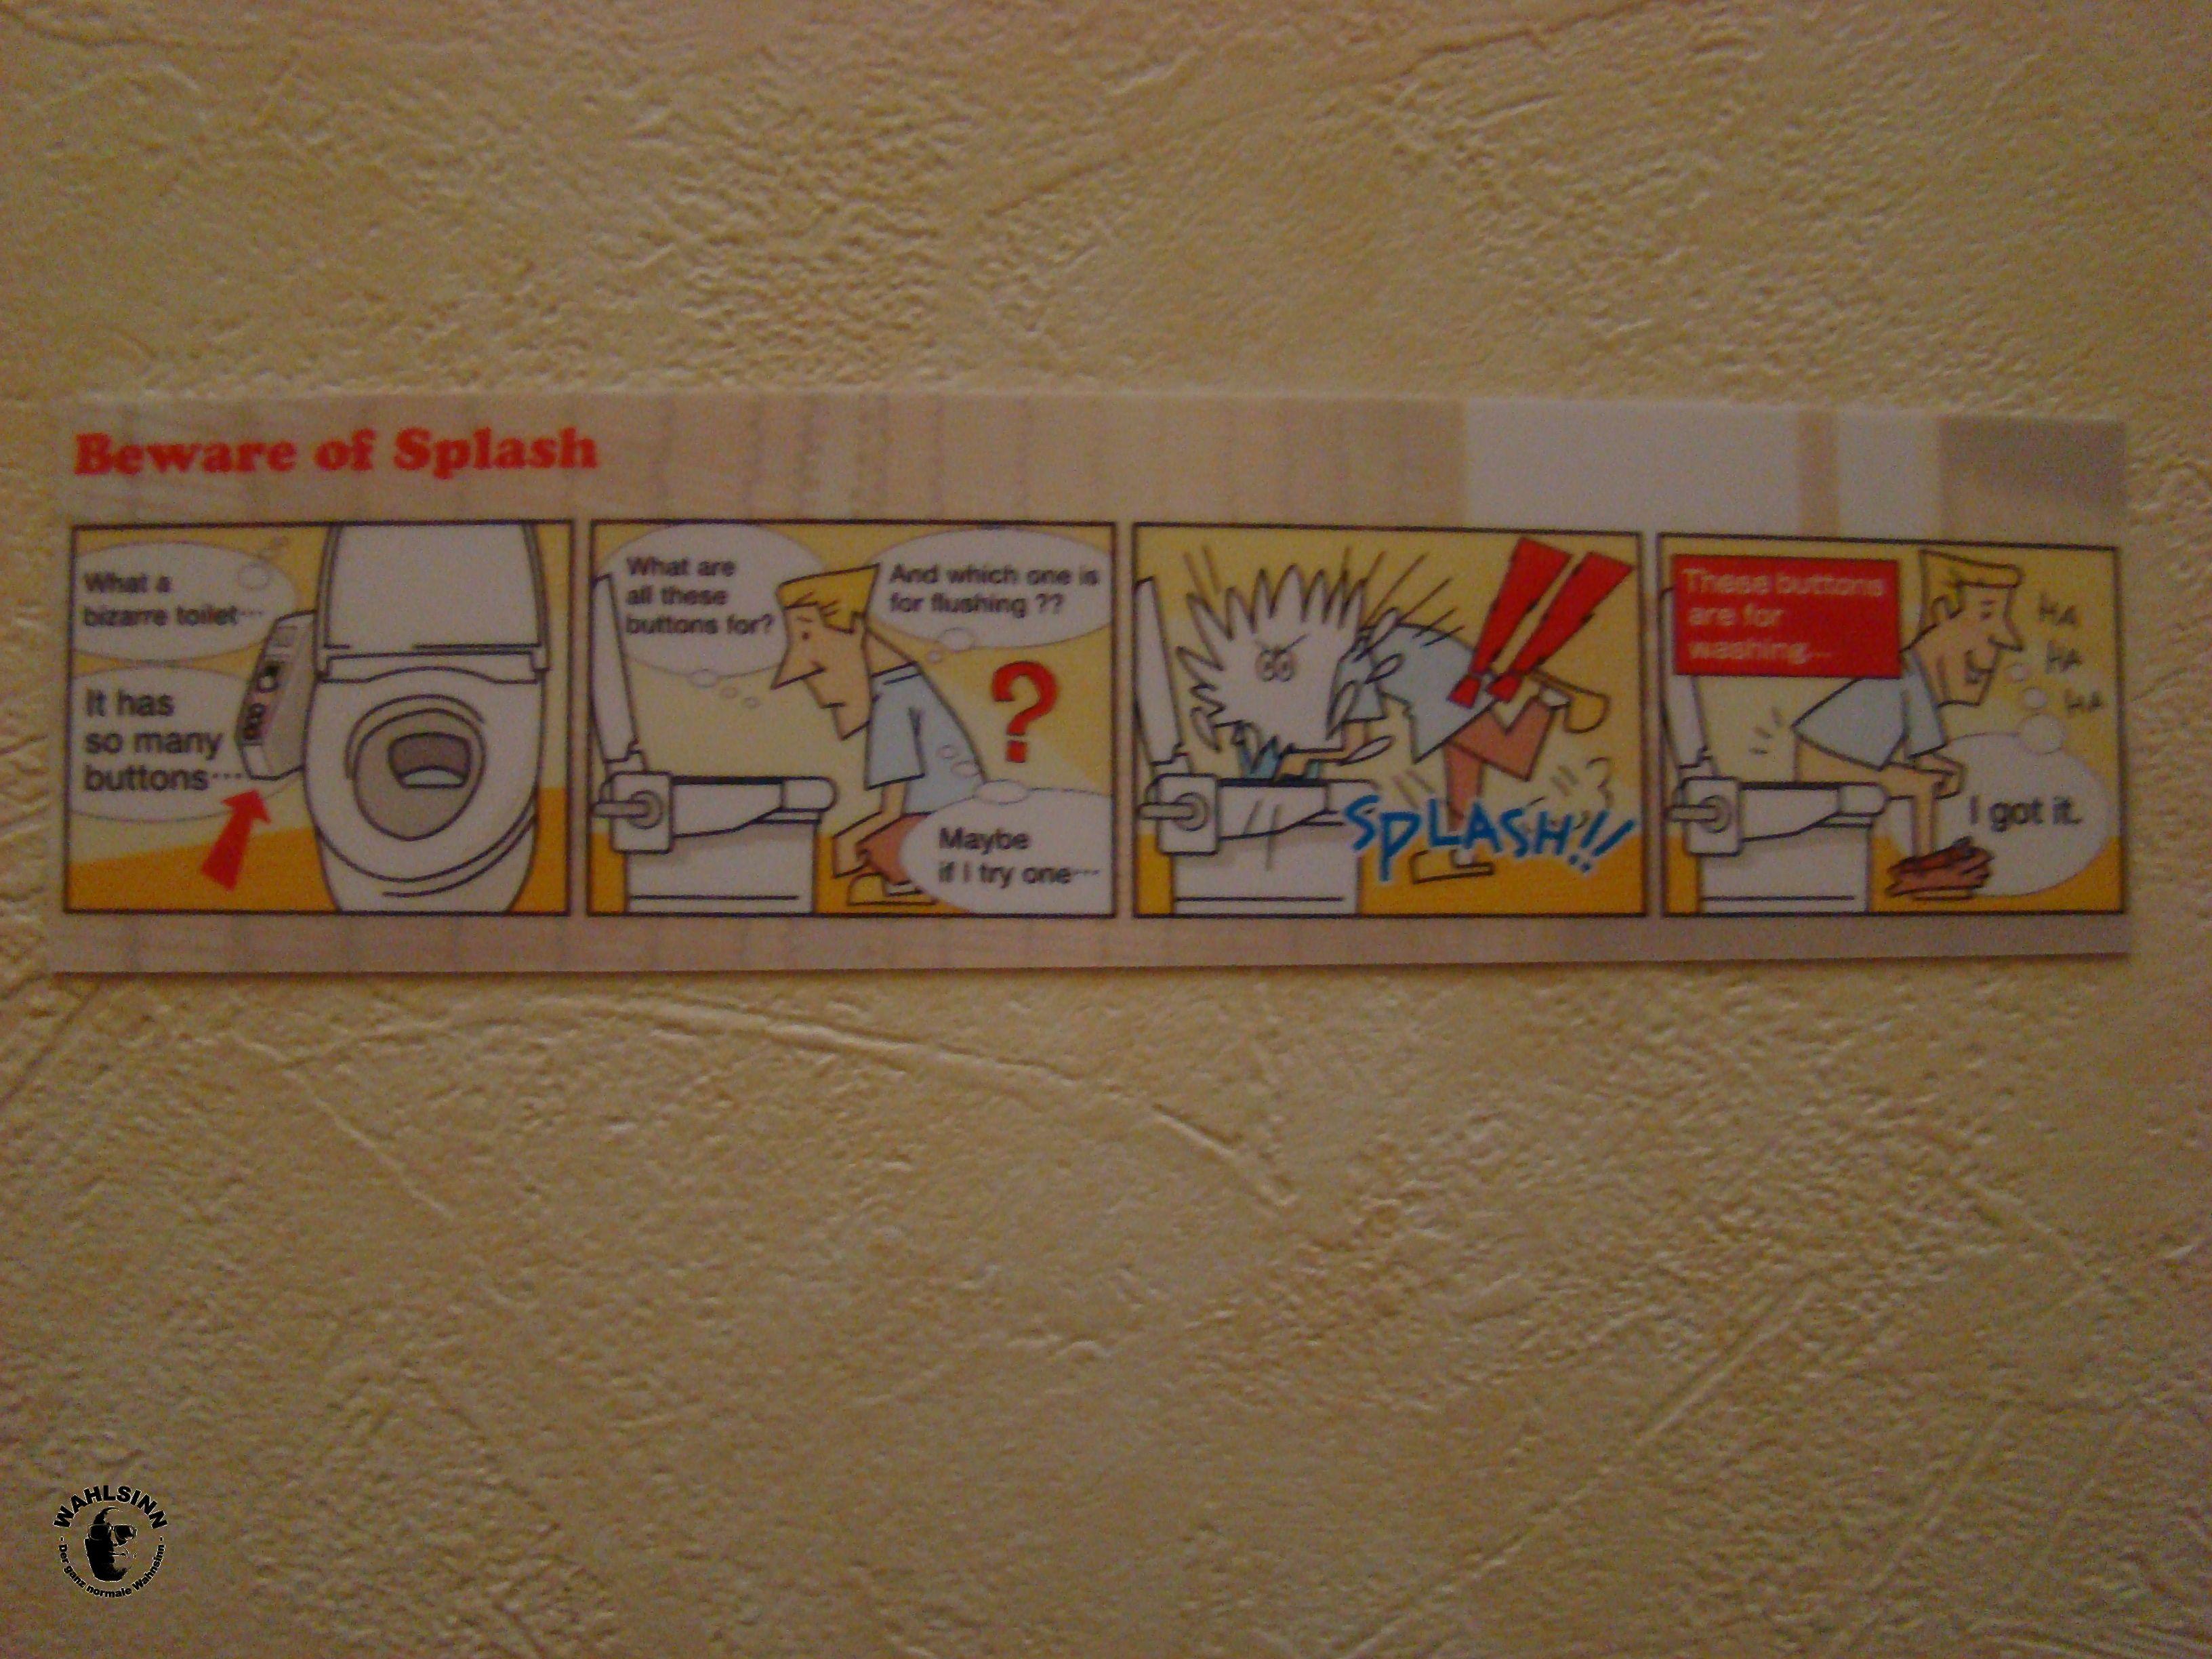 Japan - Bedienungsanleitung für Toilette